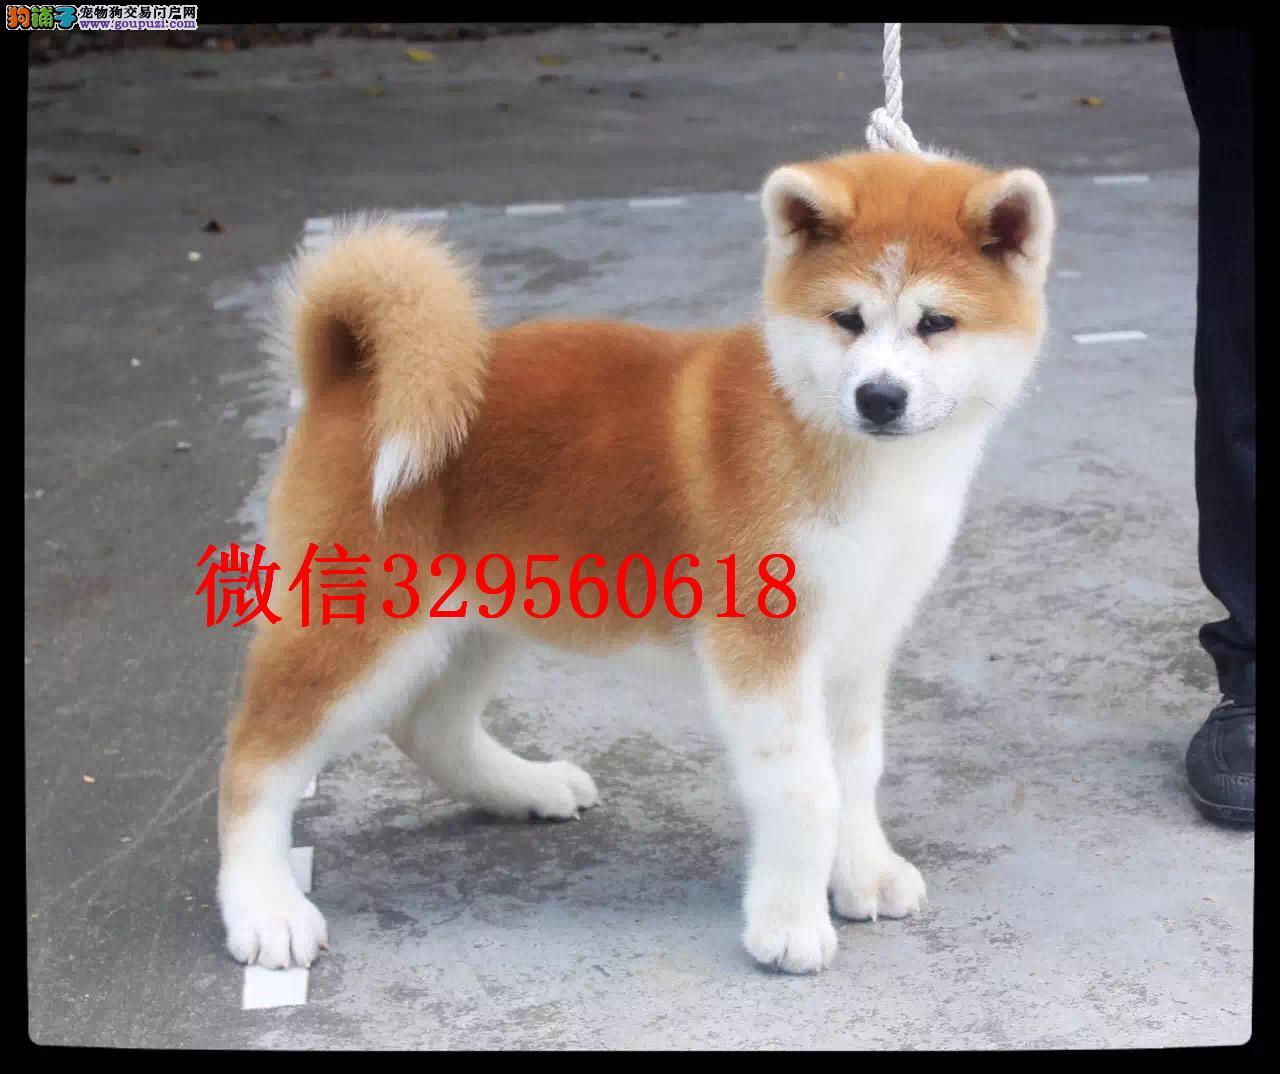 吉林哪里有卖秋田的 纯种秋田多少钱 日本秋田犬出售